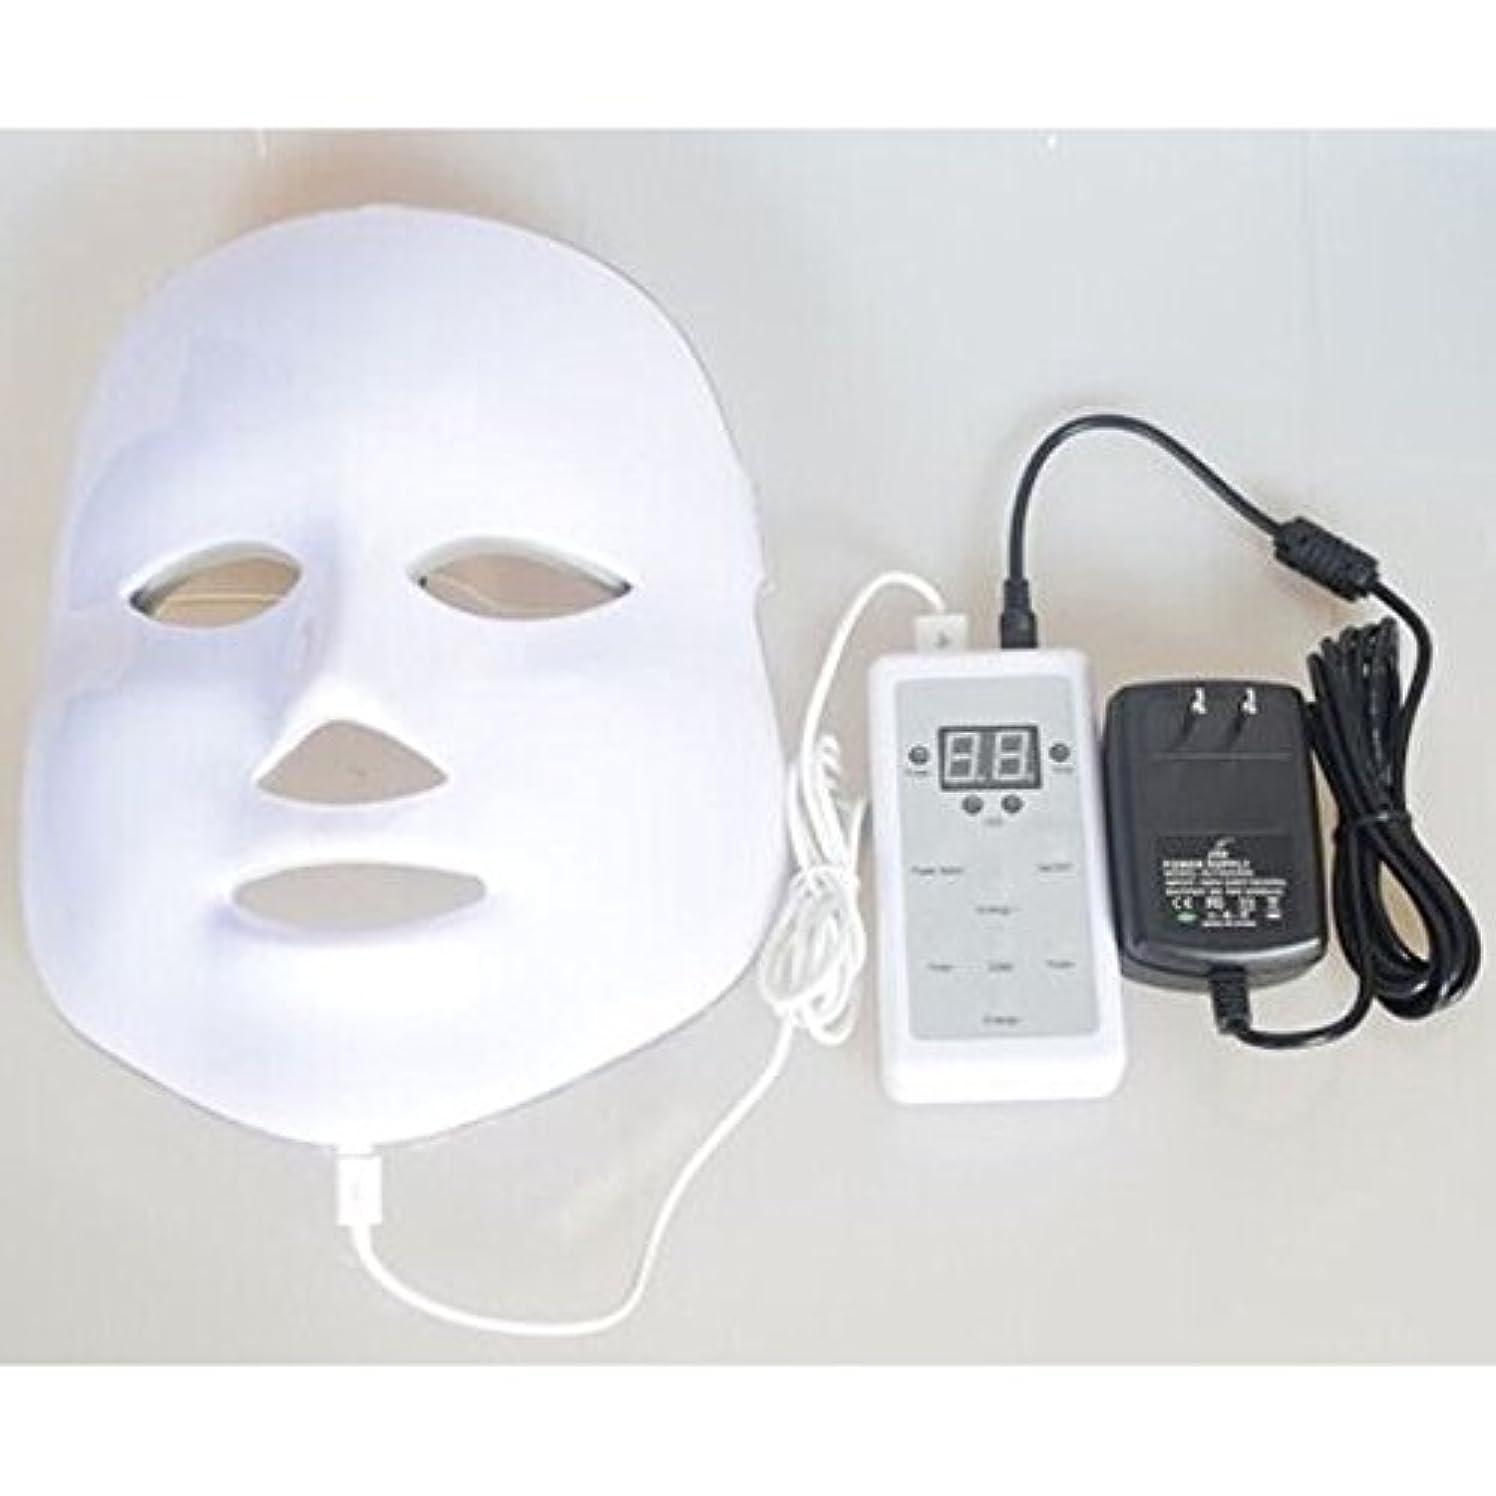 アサート一晩システムLED美顔器 7色 美顔マスク 美容 たるみ ほうれい線 美肌 ニキビ対策 コラーゲン生成 美白 エイジングケア